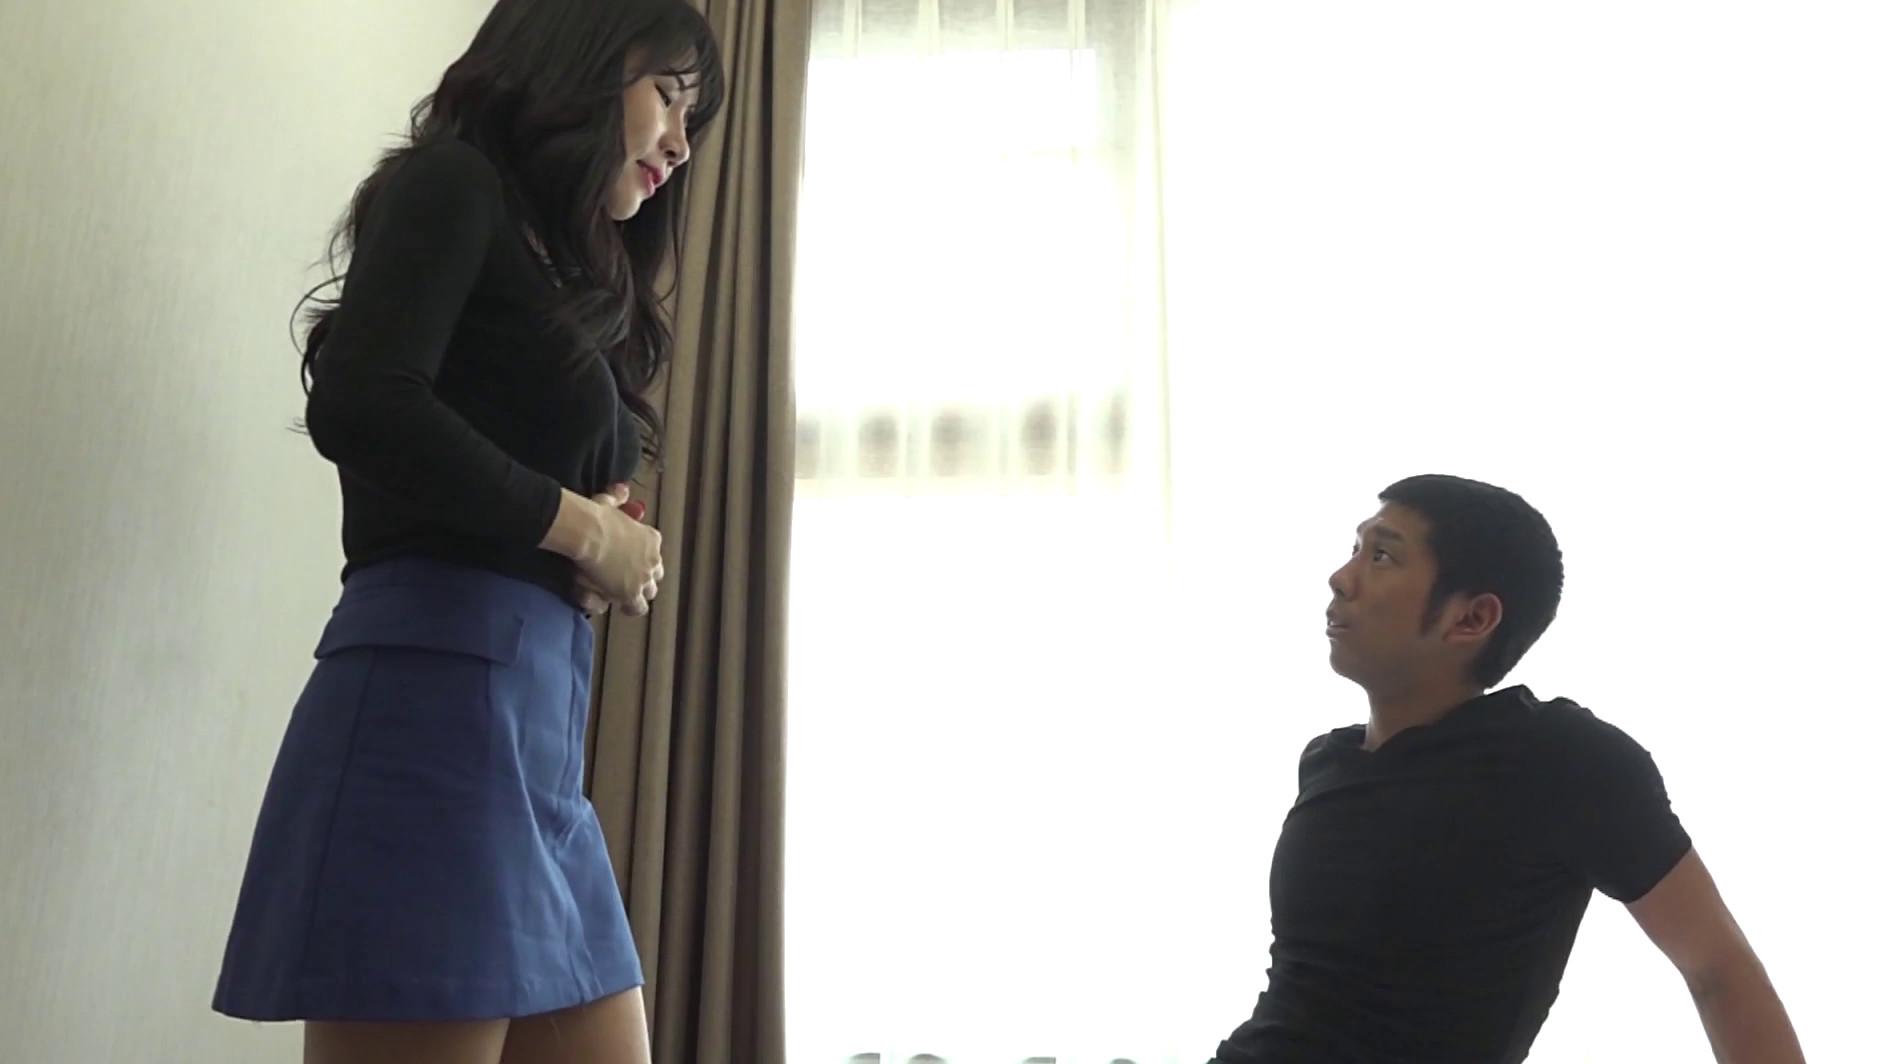 世界一エロい!韓国(裏)マッサージ エース級美女とまさかの本番セックス 12人4時間 画像20